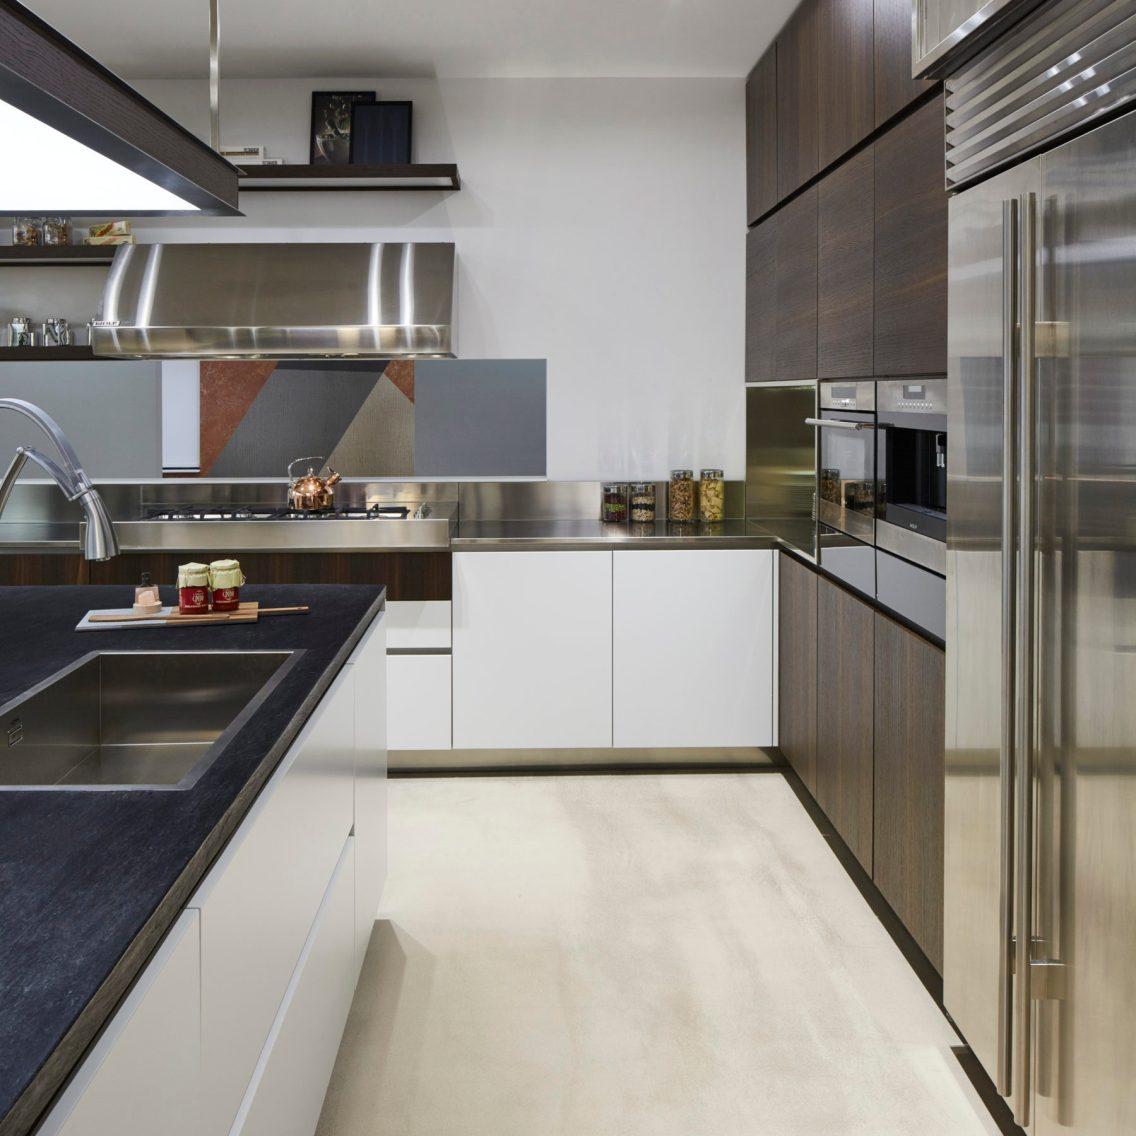 Spectrum Kitchens